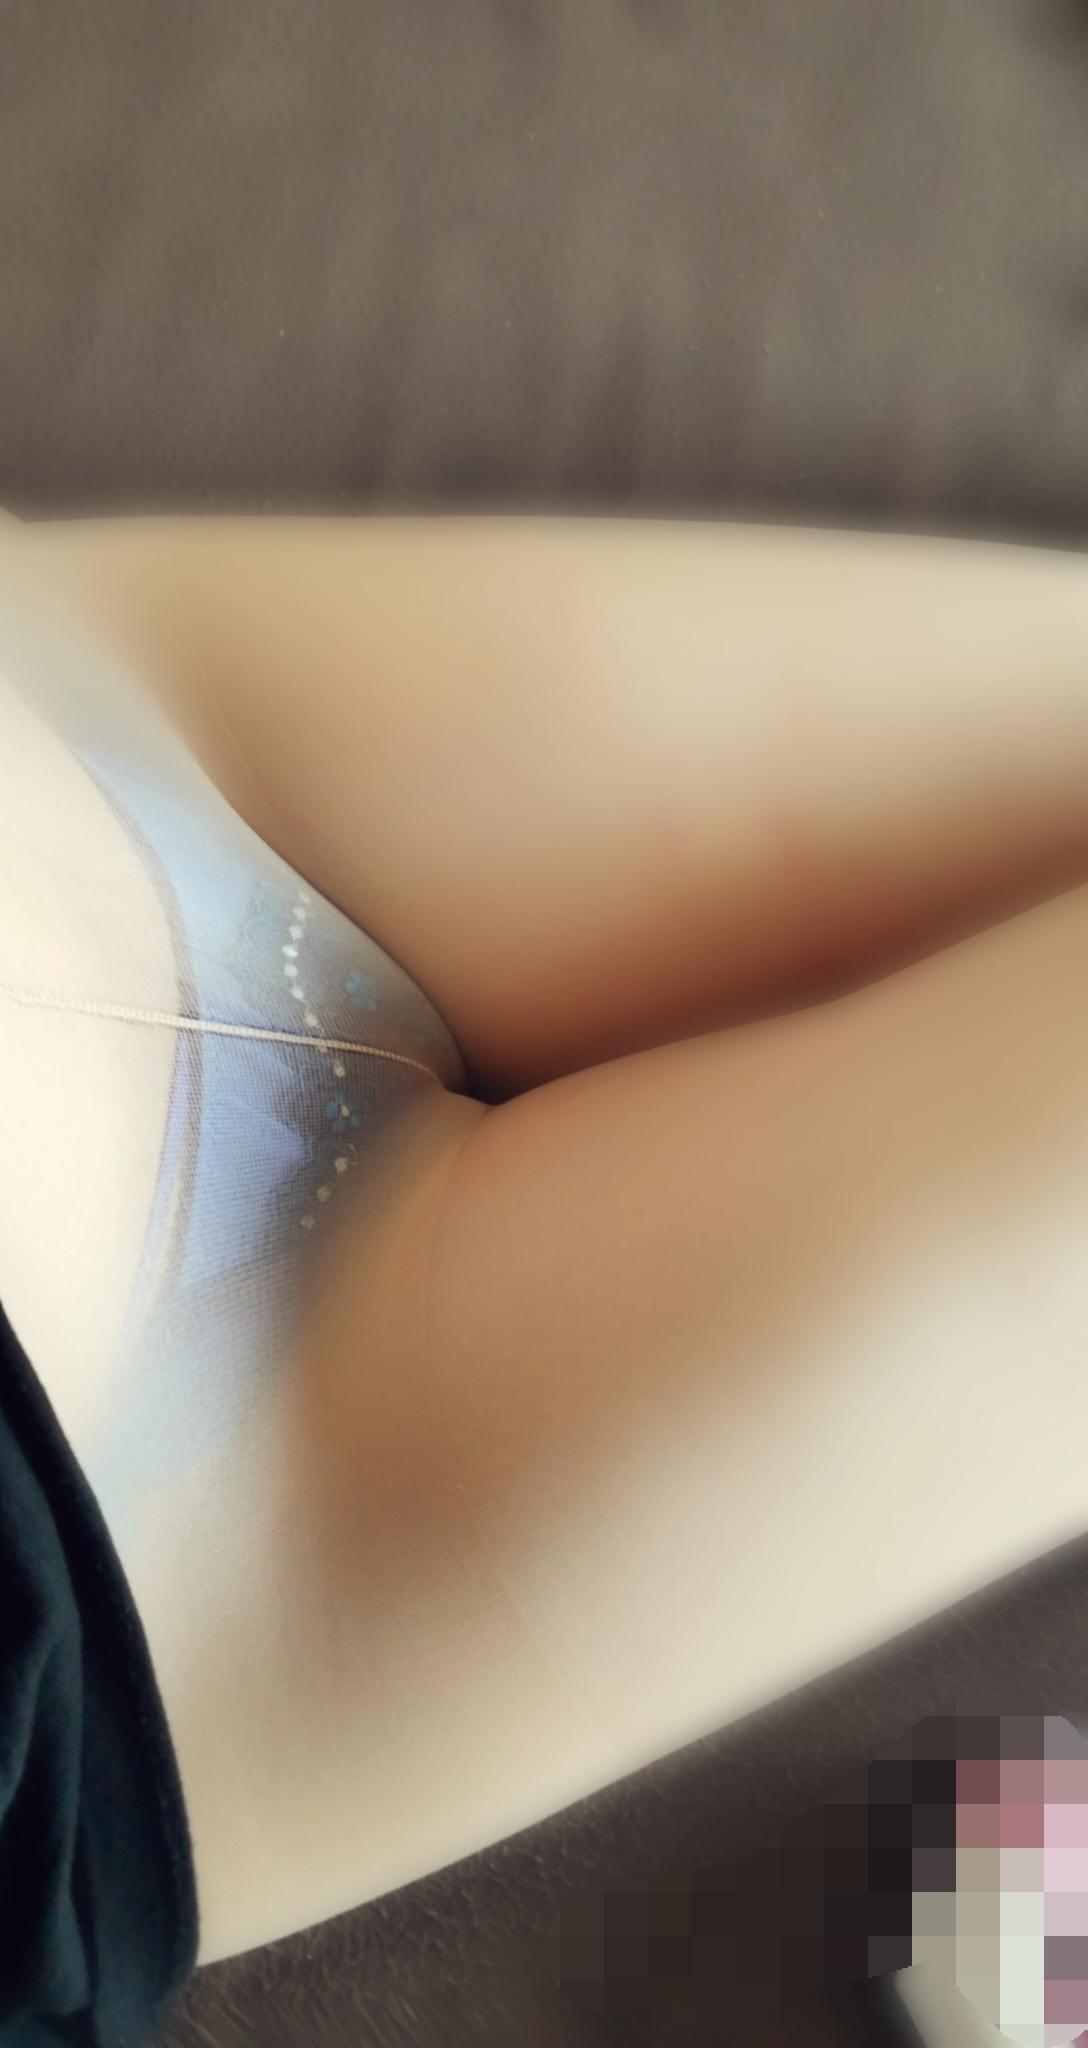 とも「上下運動♪」08/18(土) 19:47 | ともの写メ・風俗動画